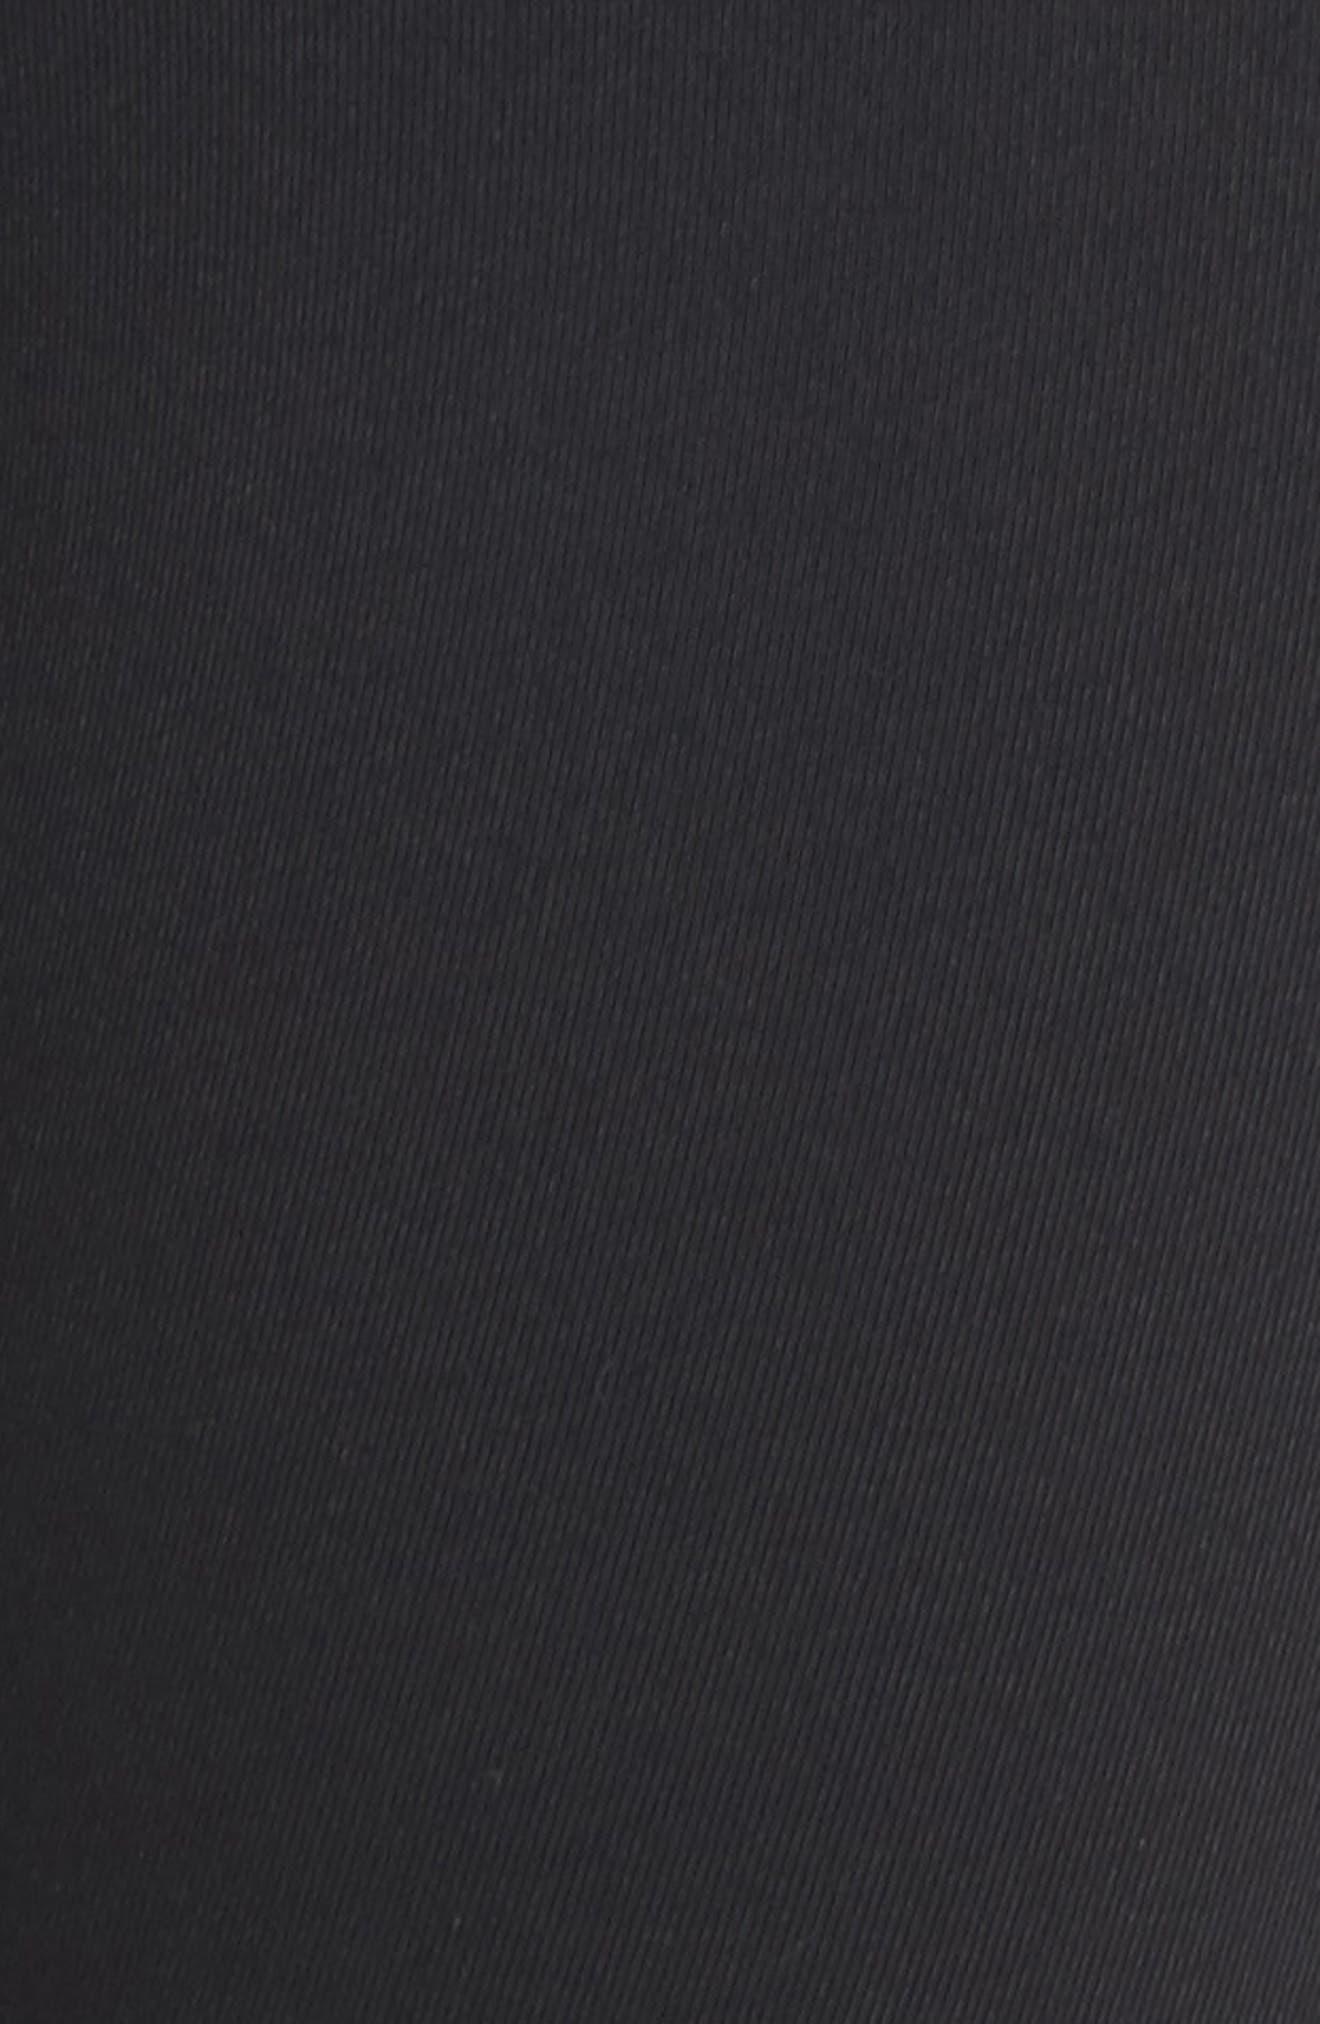 Sculpt Lux High Waist Training Capris,                             Alternate thumbnail 6, color,                             Black/ Clear